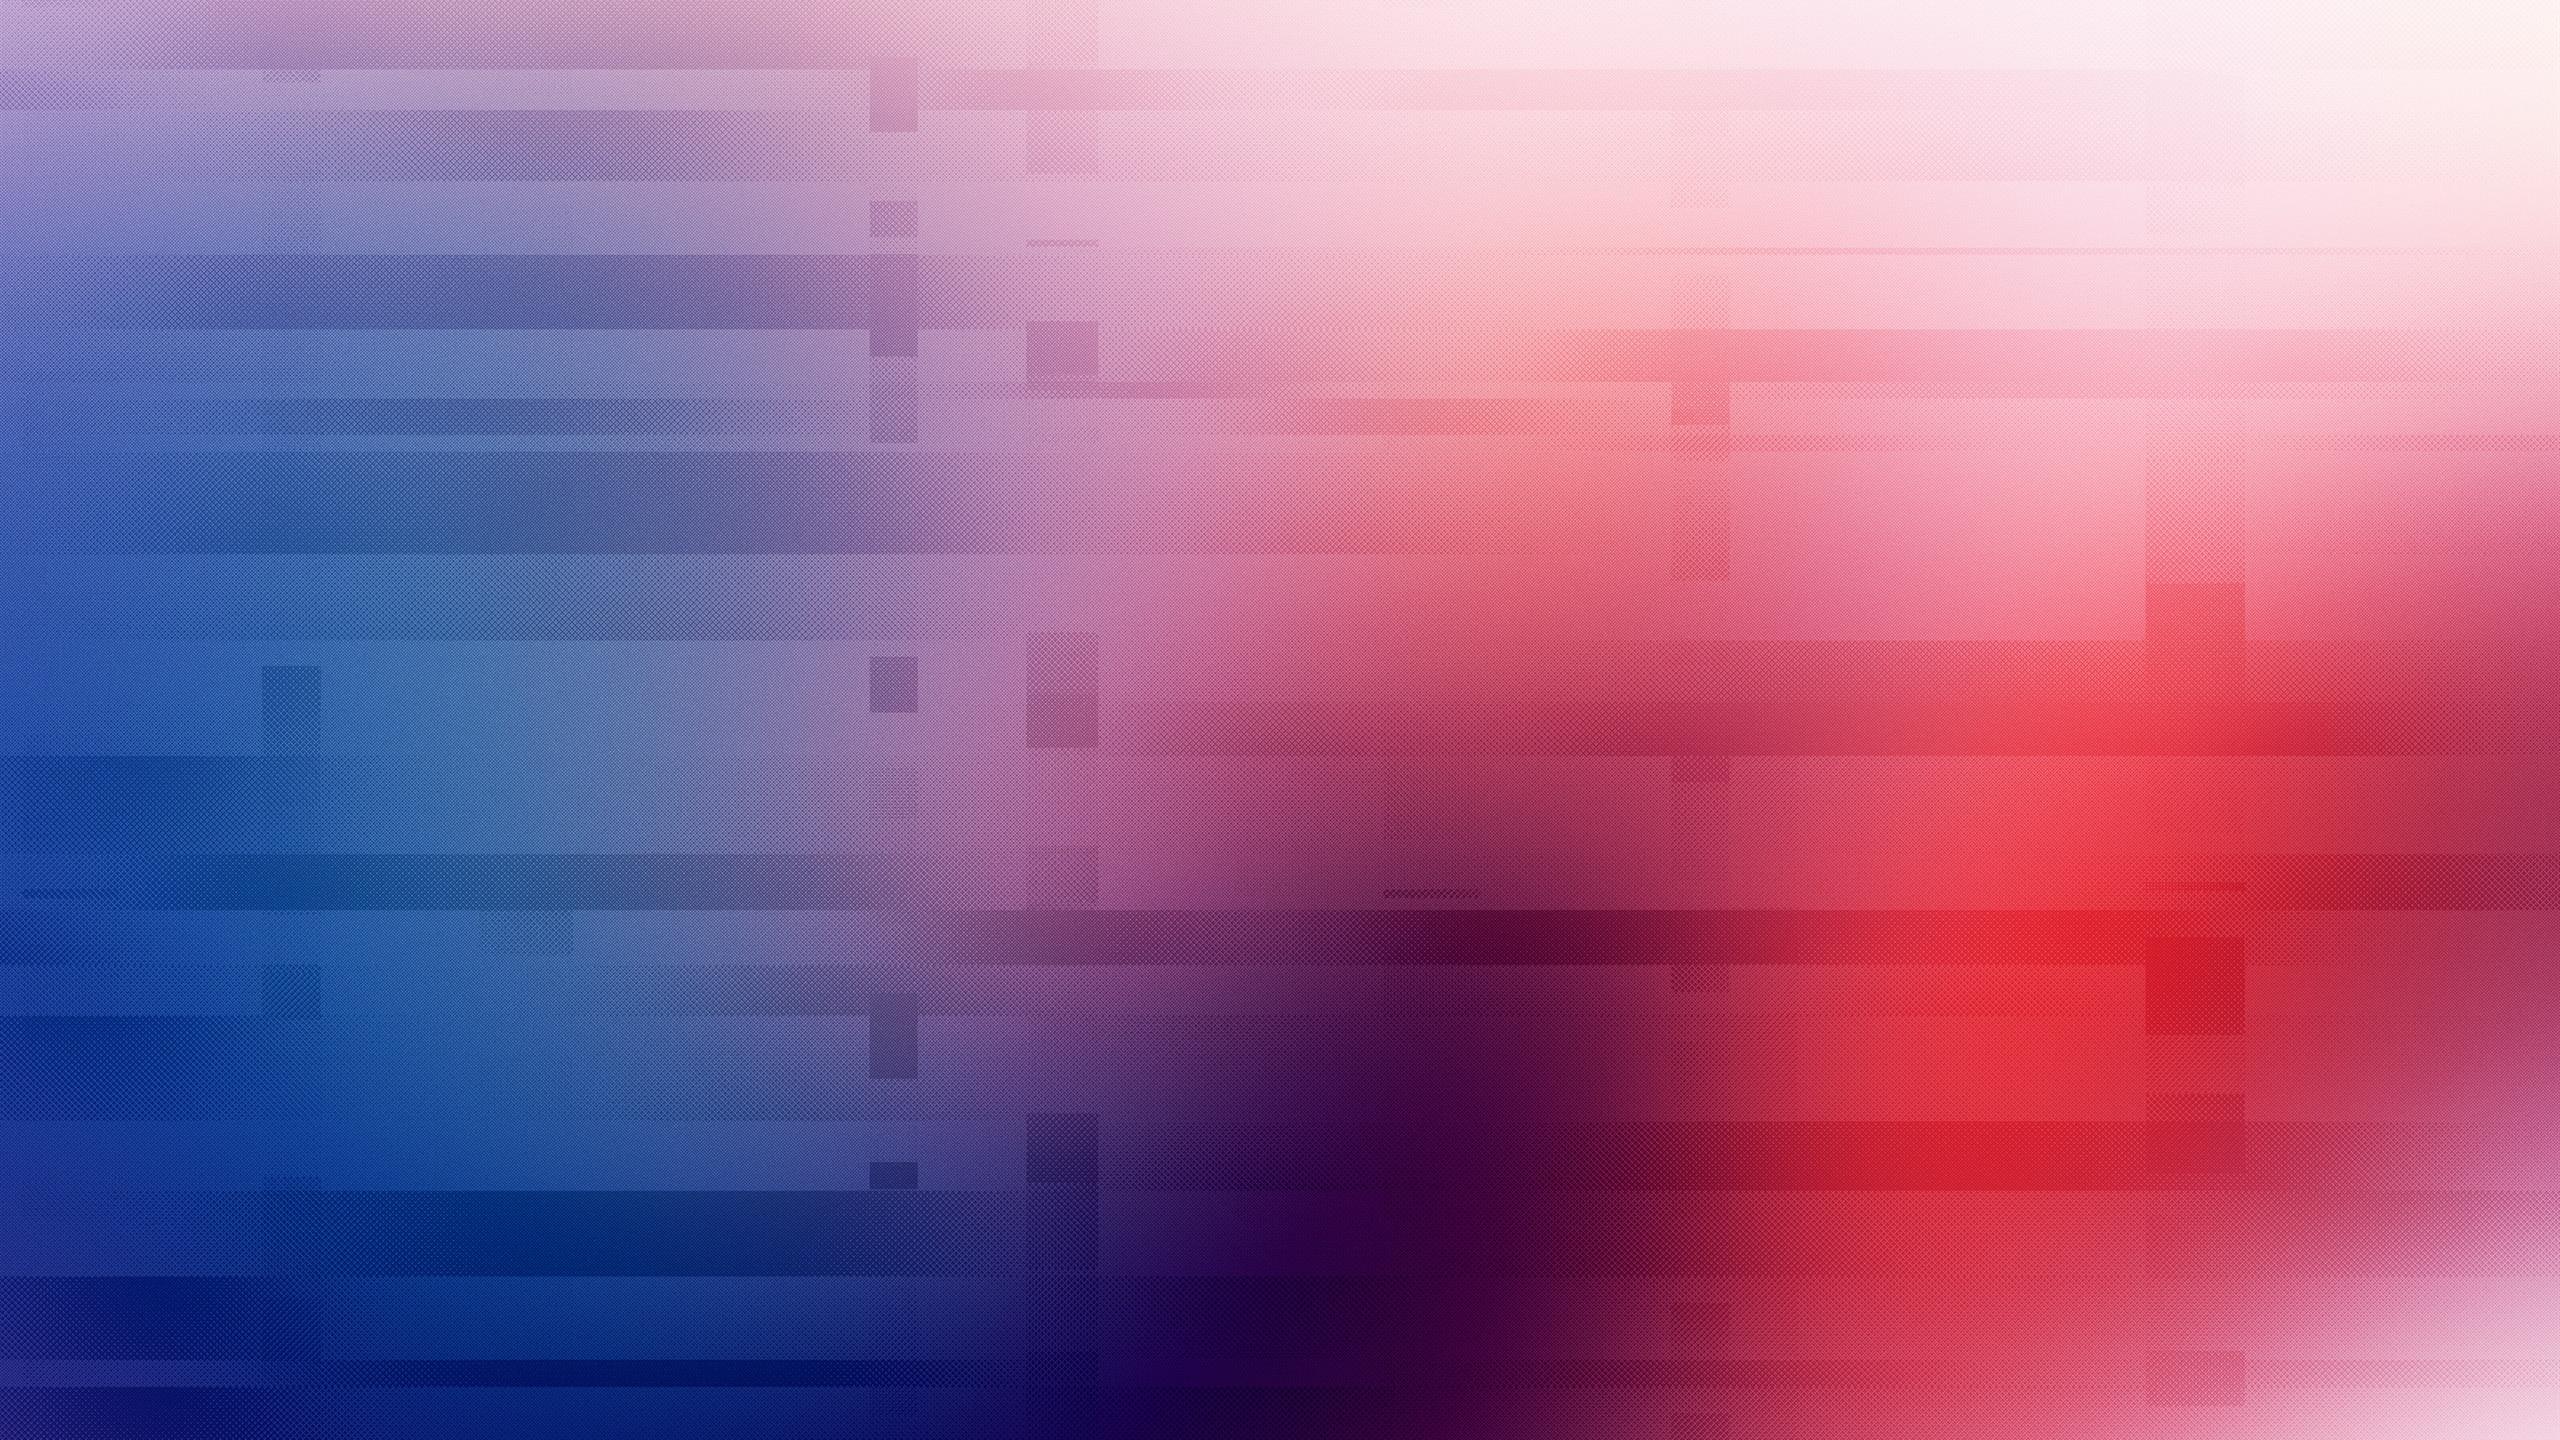 azul  vermelho  abstrato  pixels  design visualiza u00e7 u00e3o